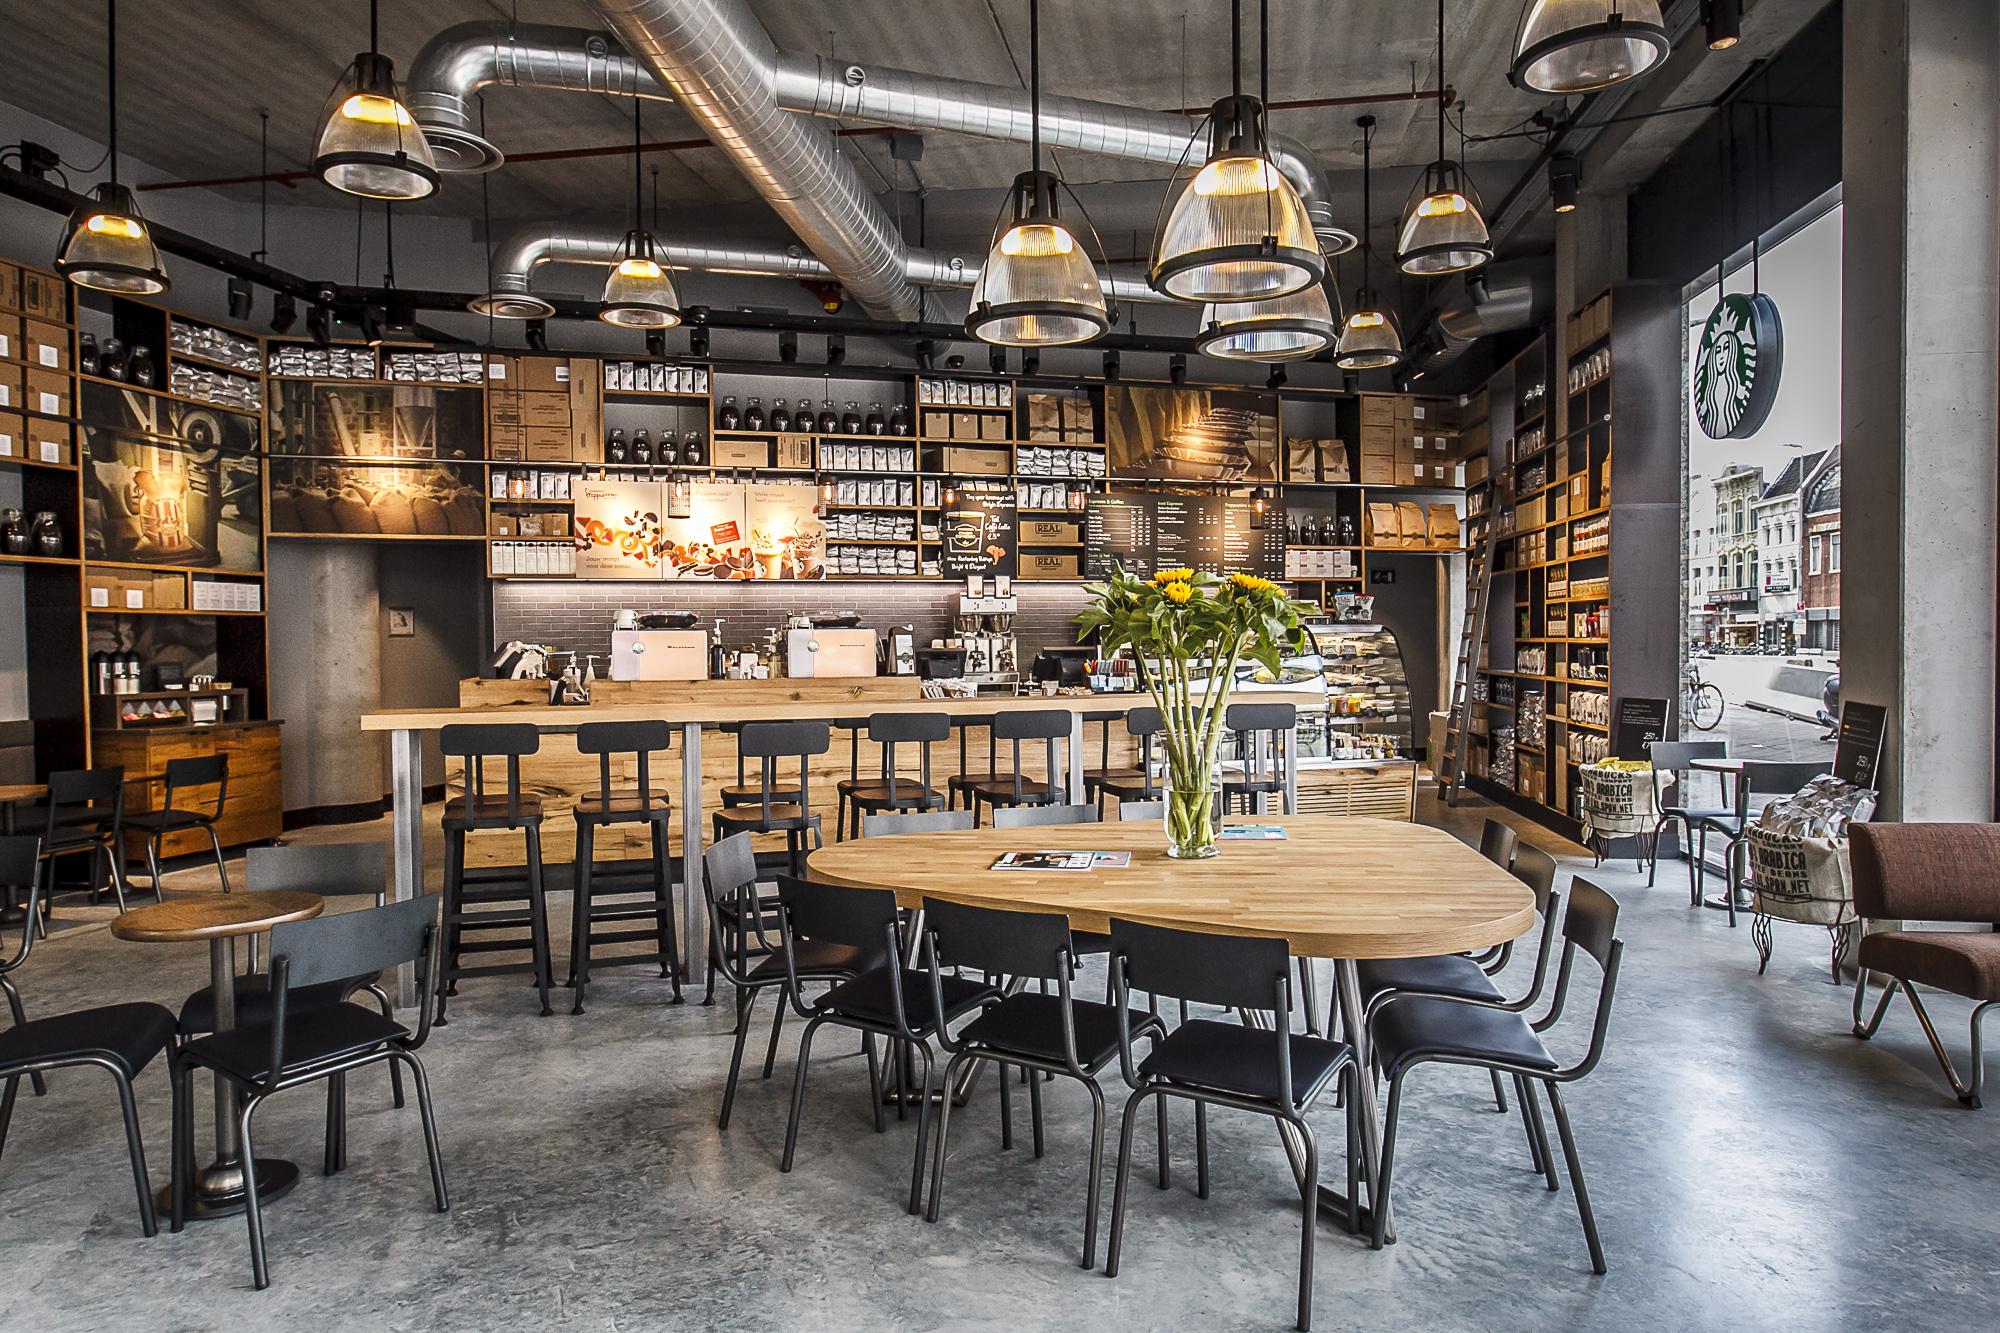 Starbucks opent eerste eigen vestiging in utrecht van for Interieur winkel utrecht